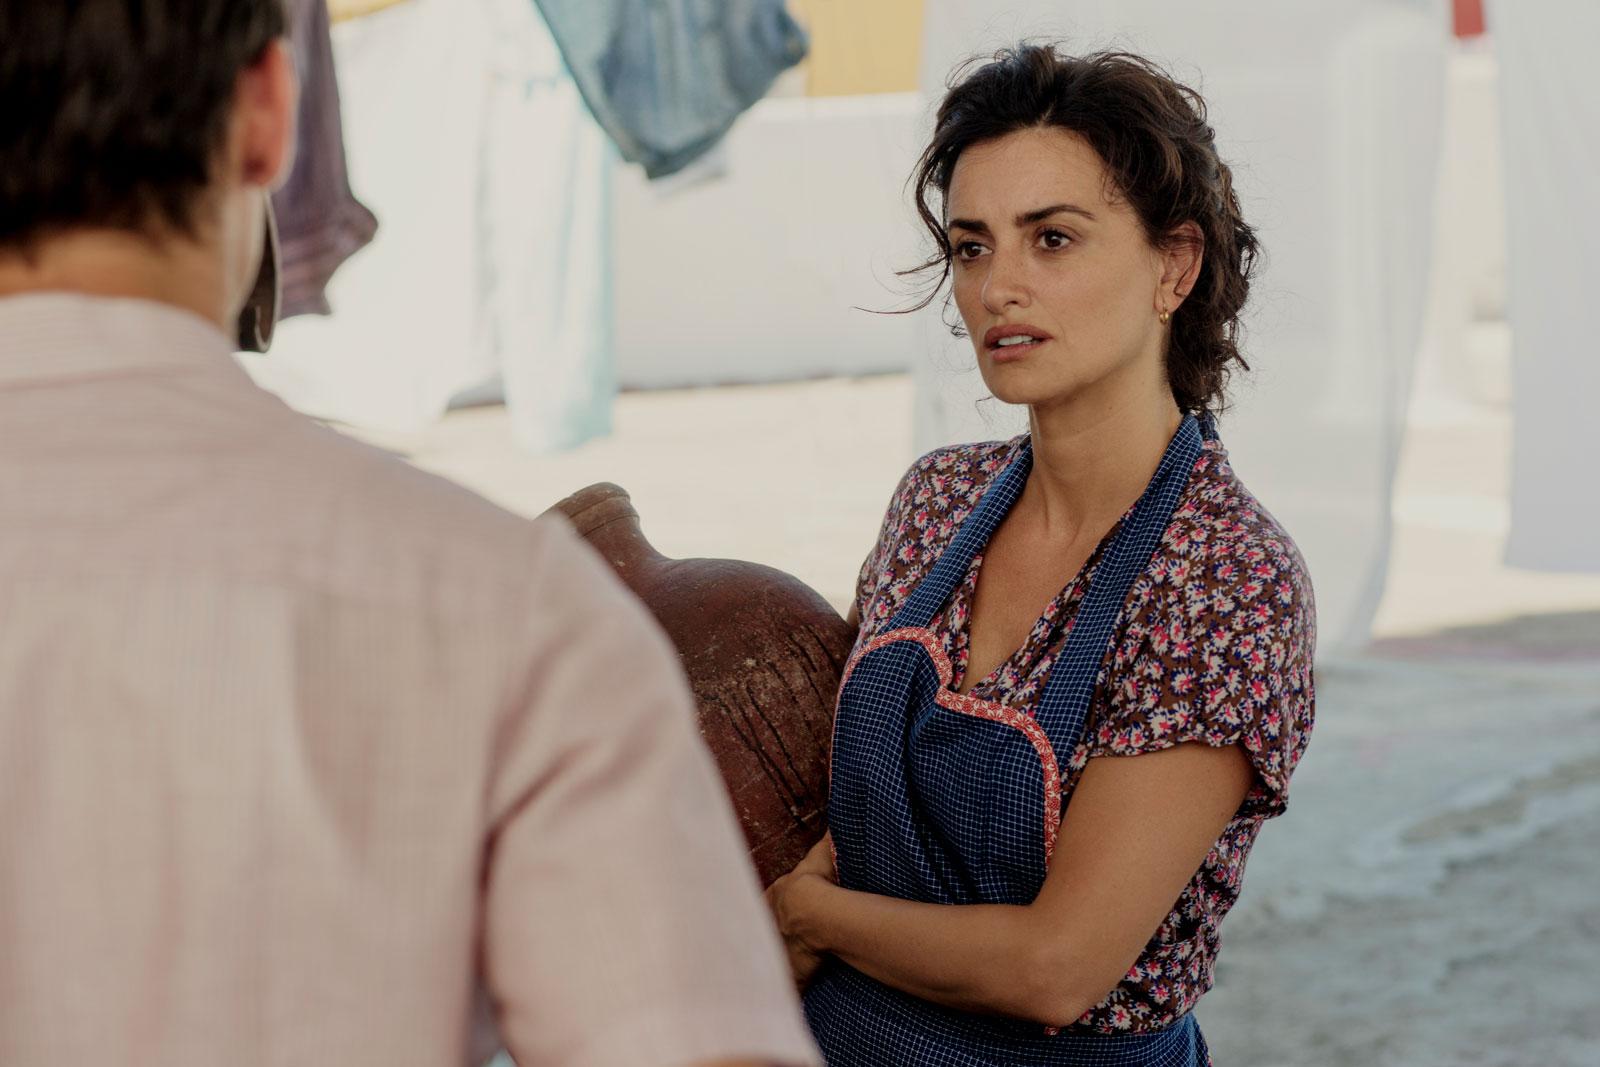 Longa conta com a participação do ator Antonio Banderas e e da atriz Penélope Cruz.